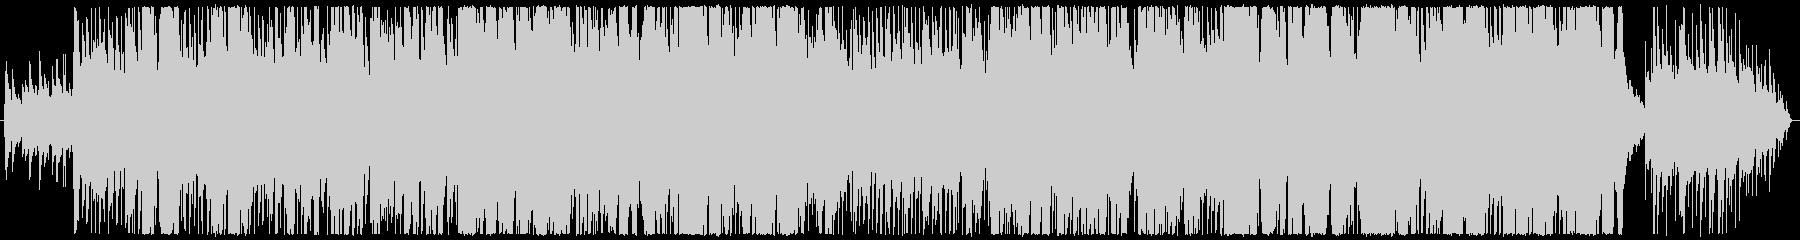 ピアノ主体のジャズの未再生の波形